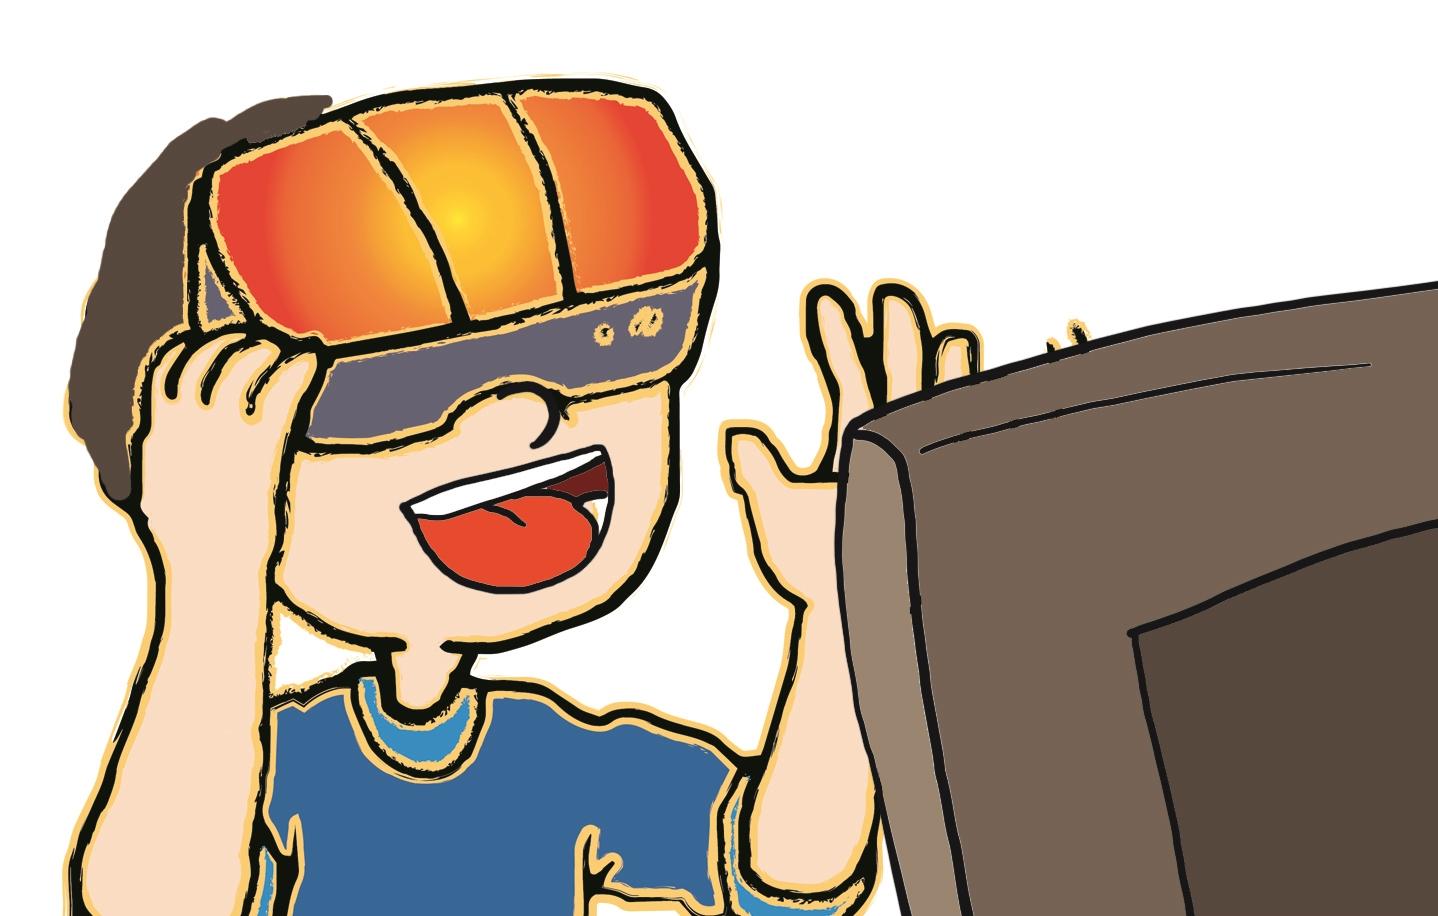 各大商圈多家体验店聚集 注重硬软件升级吸引客流 江城VR体验行业迎来稳定增长